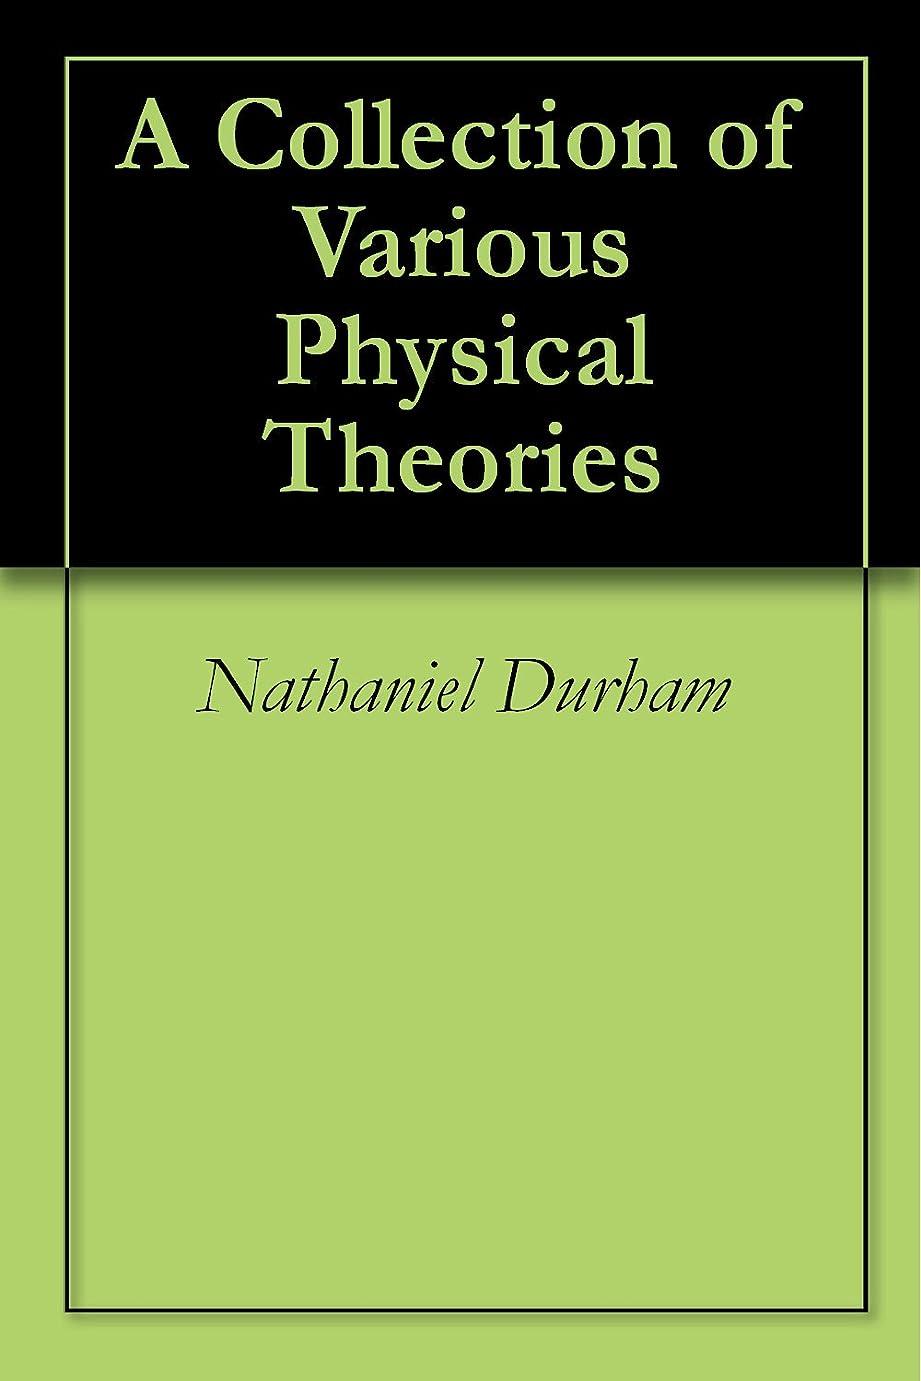 追う熱意モディッシュA Collection of Various Physical Theories (English Edition)